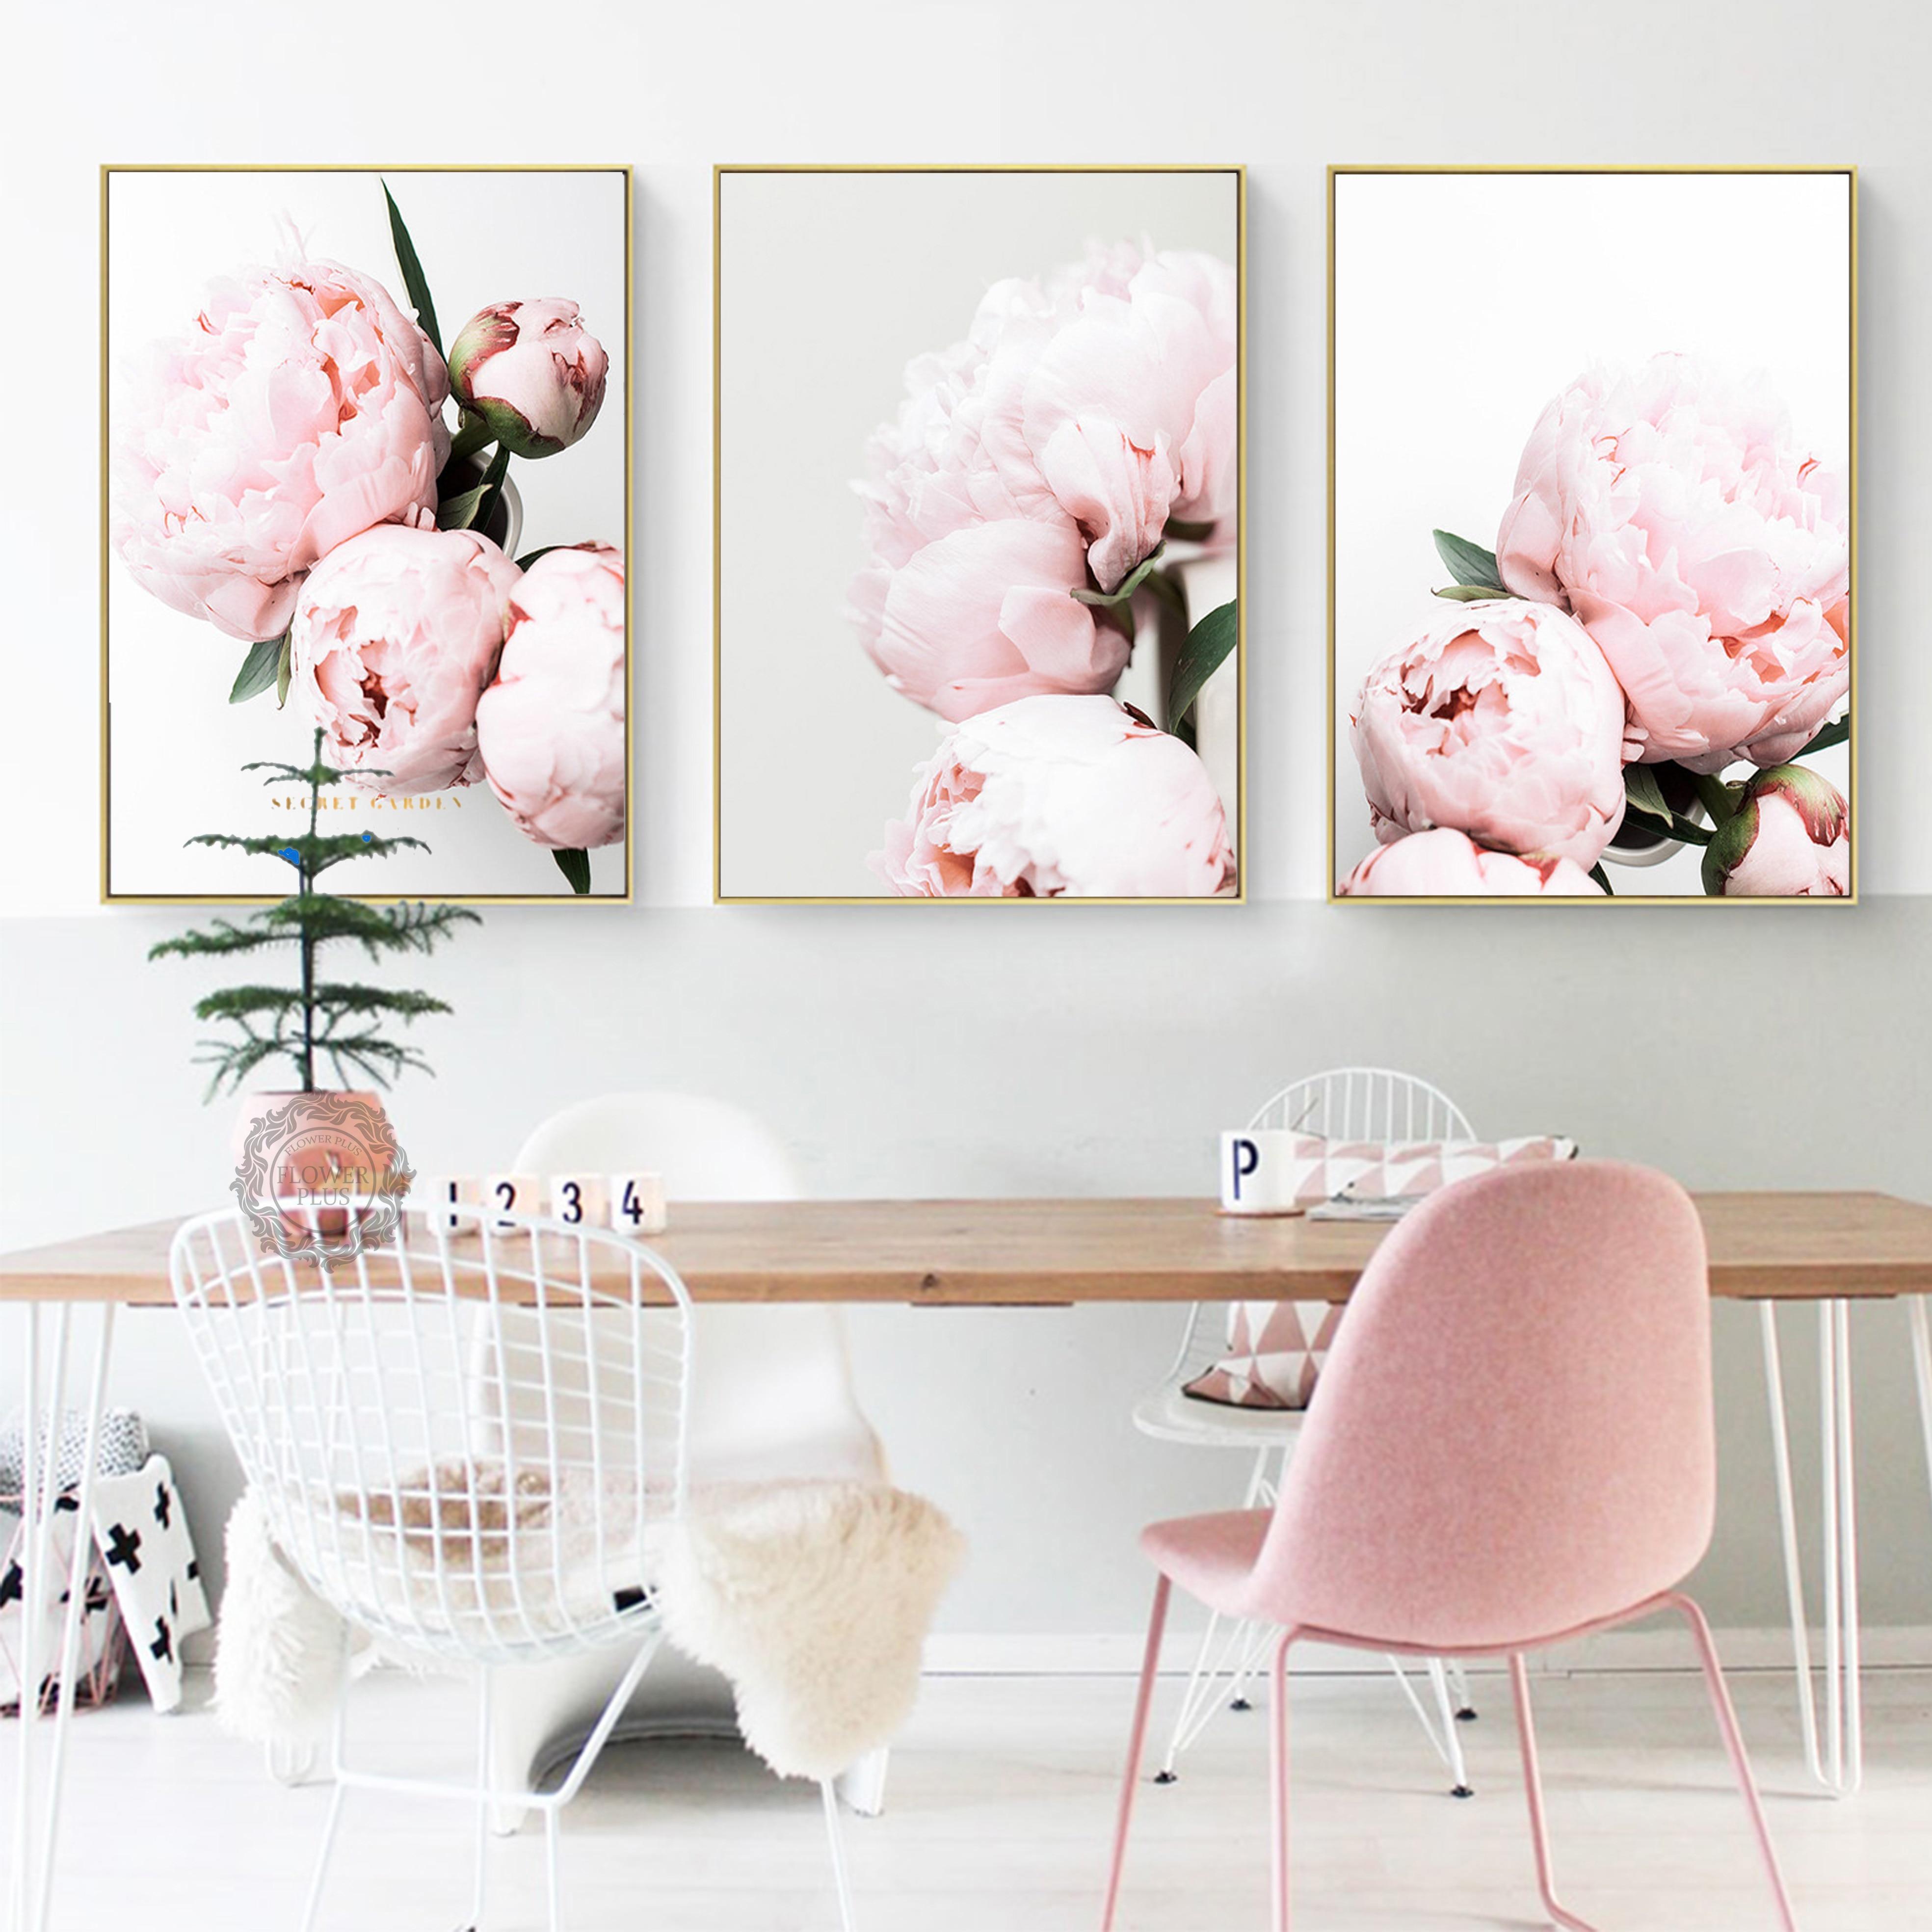 постер в розовых тонах днем рождения